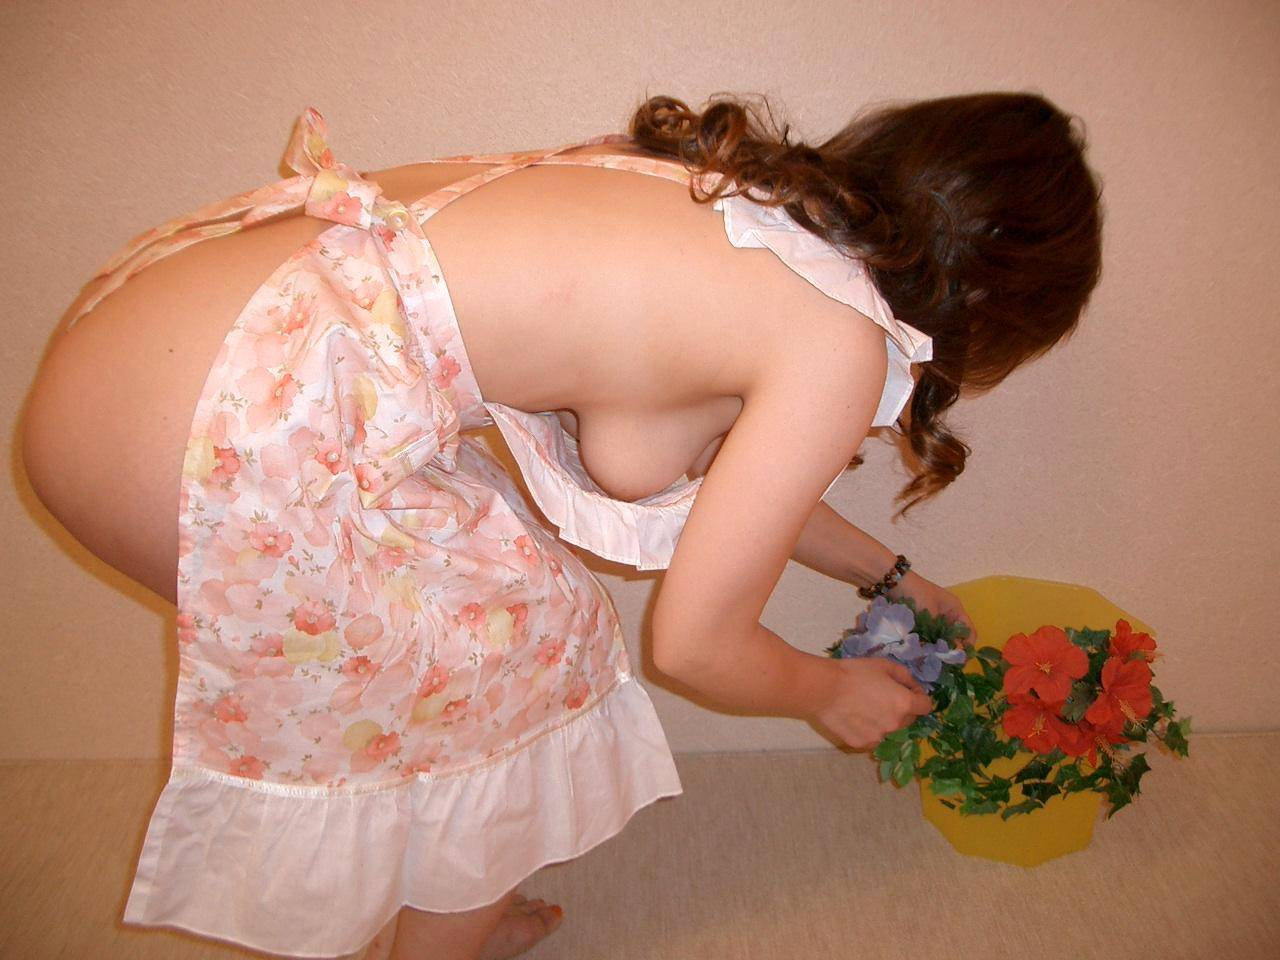 肉感的な人妻熟女のおっぱいにしゃぶり付きたい素人エロ画像 294